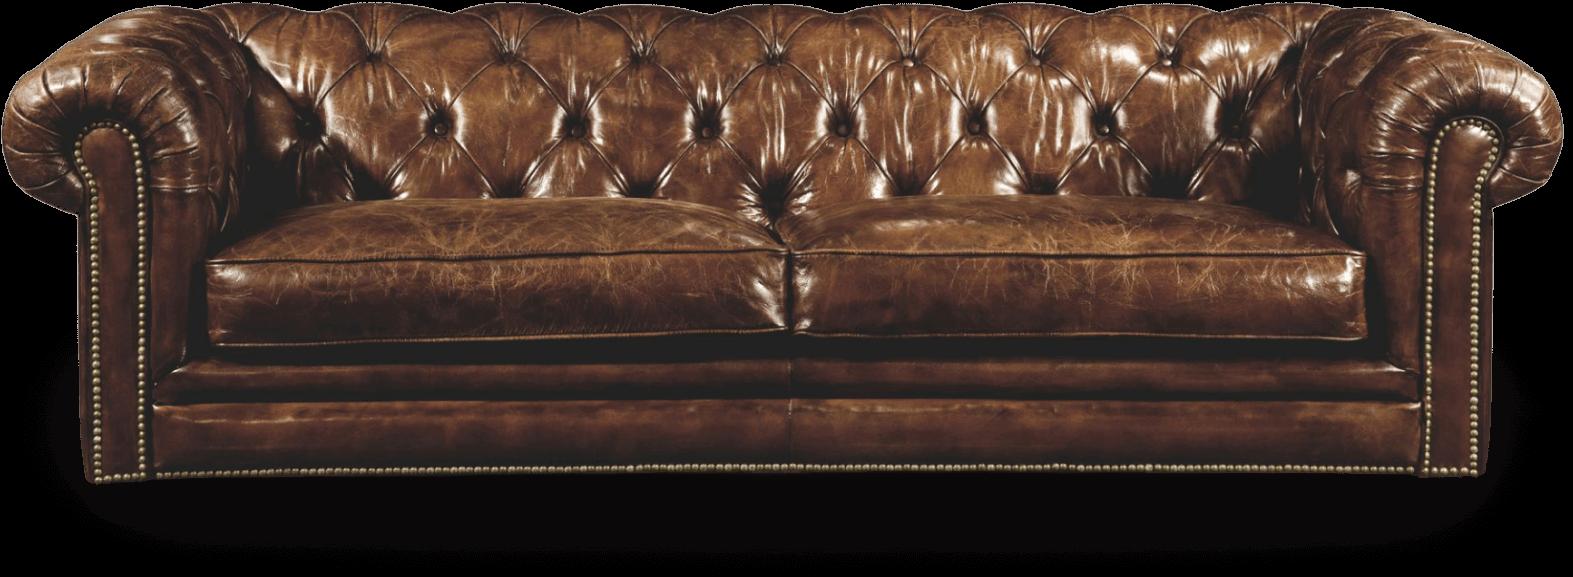 Olberg Title Sofa